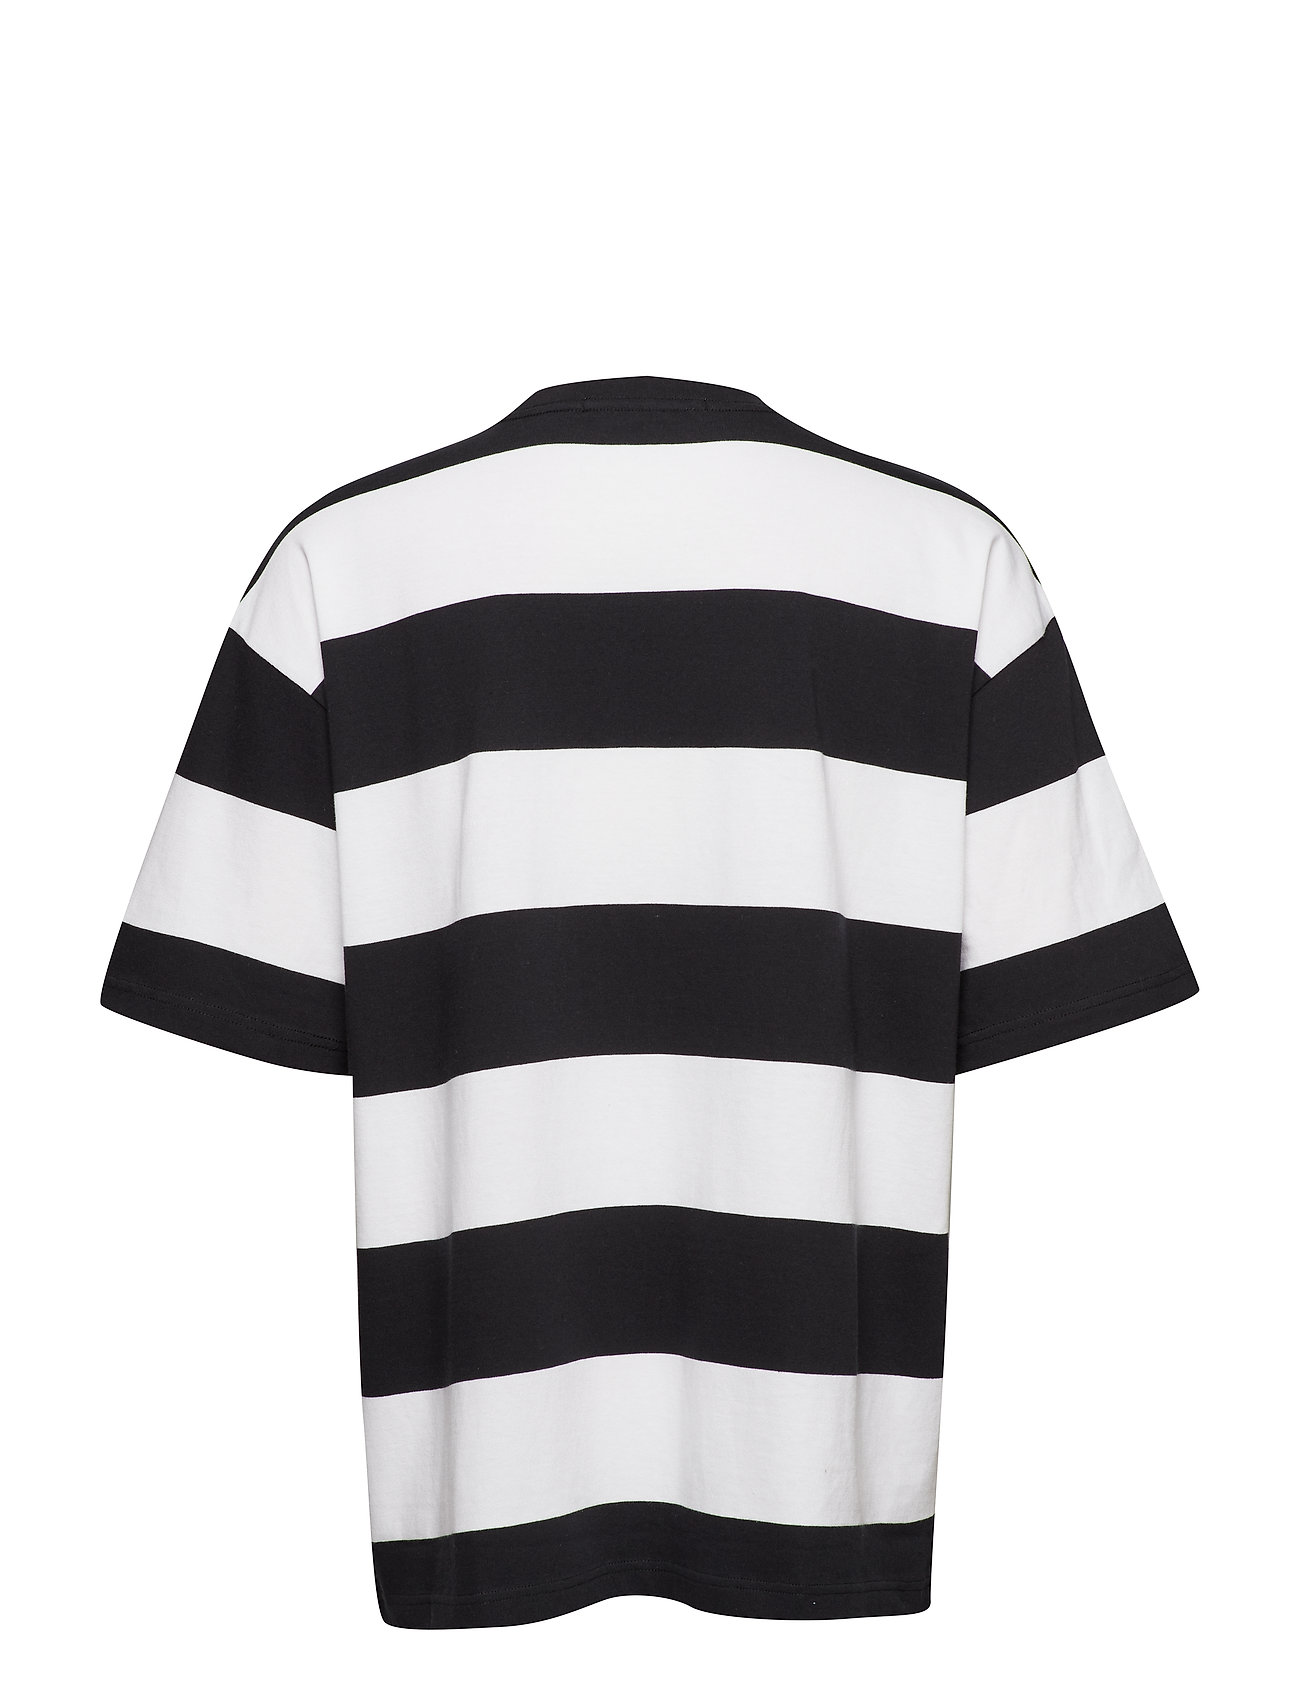 bright Jeans Wide Black Stripe Pocket Klein Tee7ck WhiteCalvin E2YDH9WIe